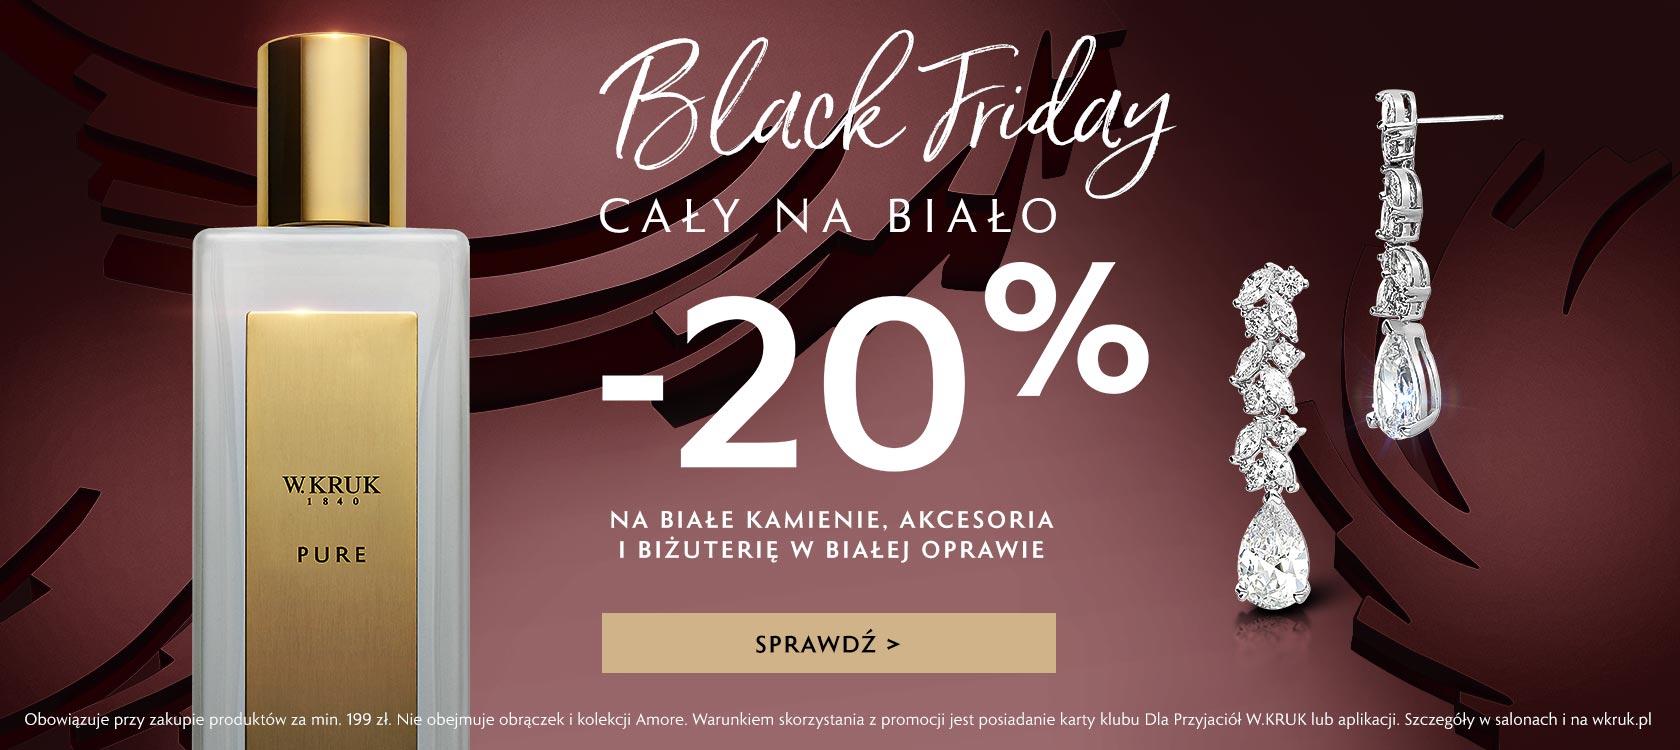 W.Kruk: Black Friday 20% rabatu na białe kamienie, akcesoria i biżuterię w białej oprawie